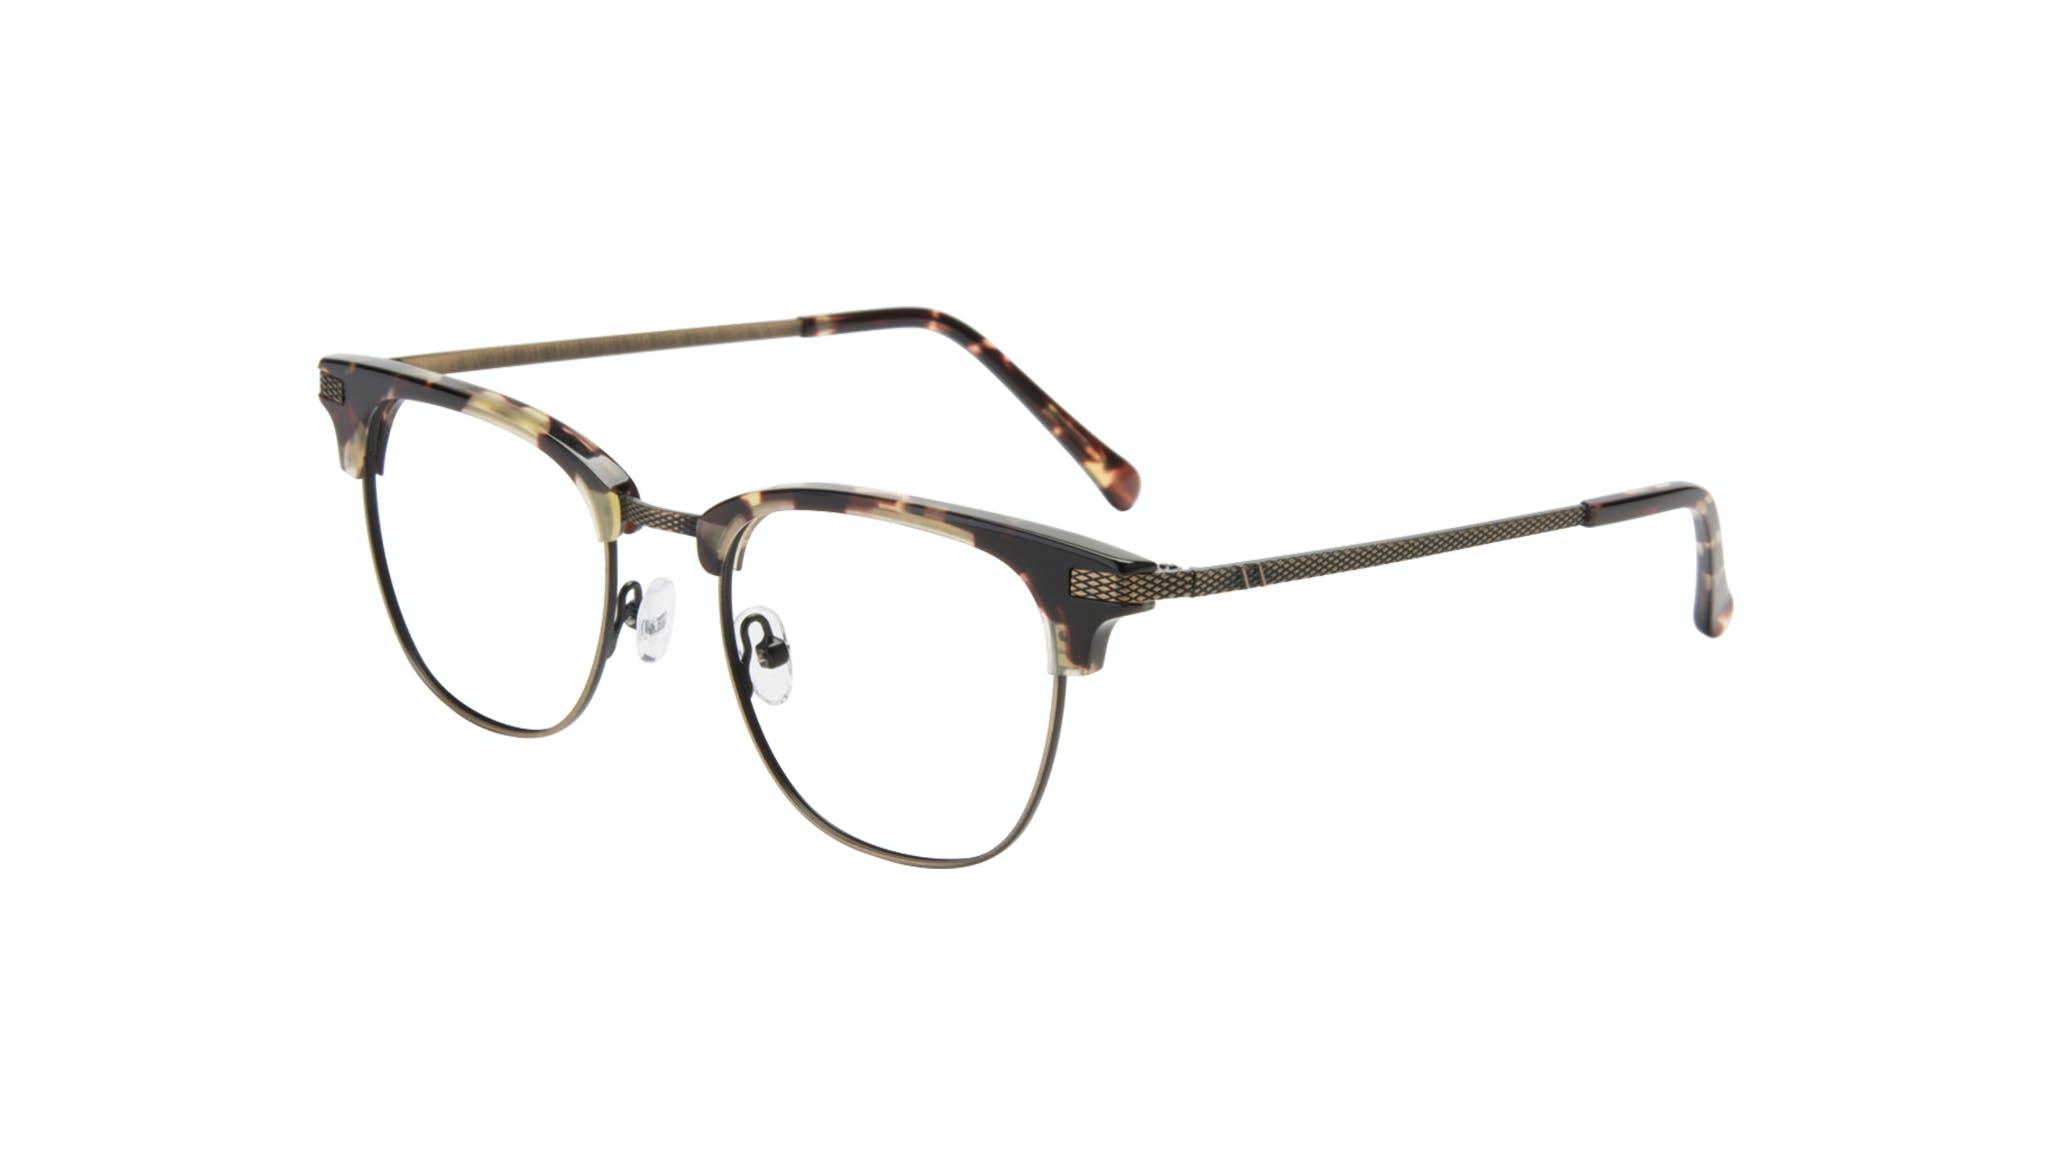 Affordable Fashion Glasses Square Eyeglasses Men Blacktie Antique Tort Tilt